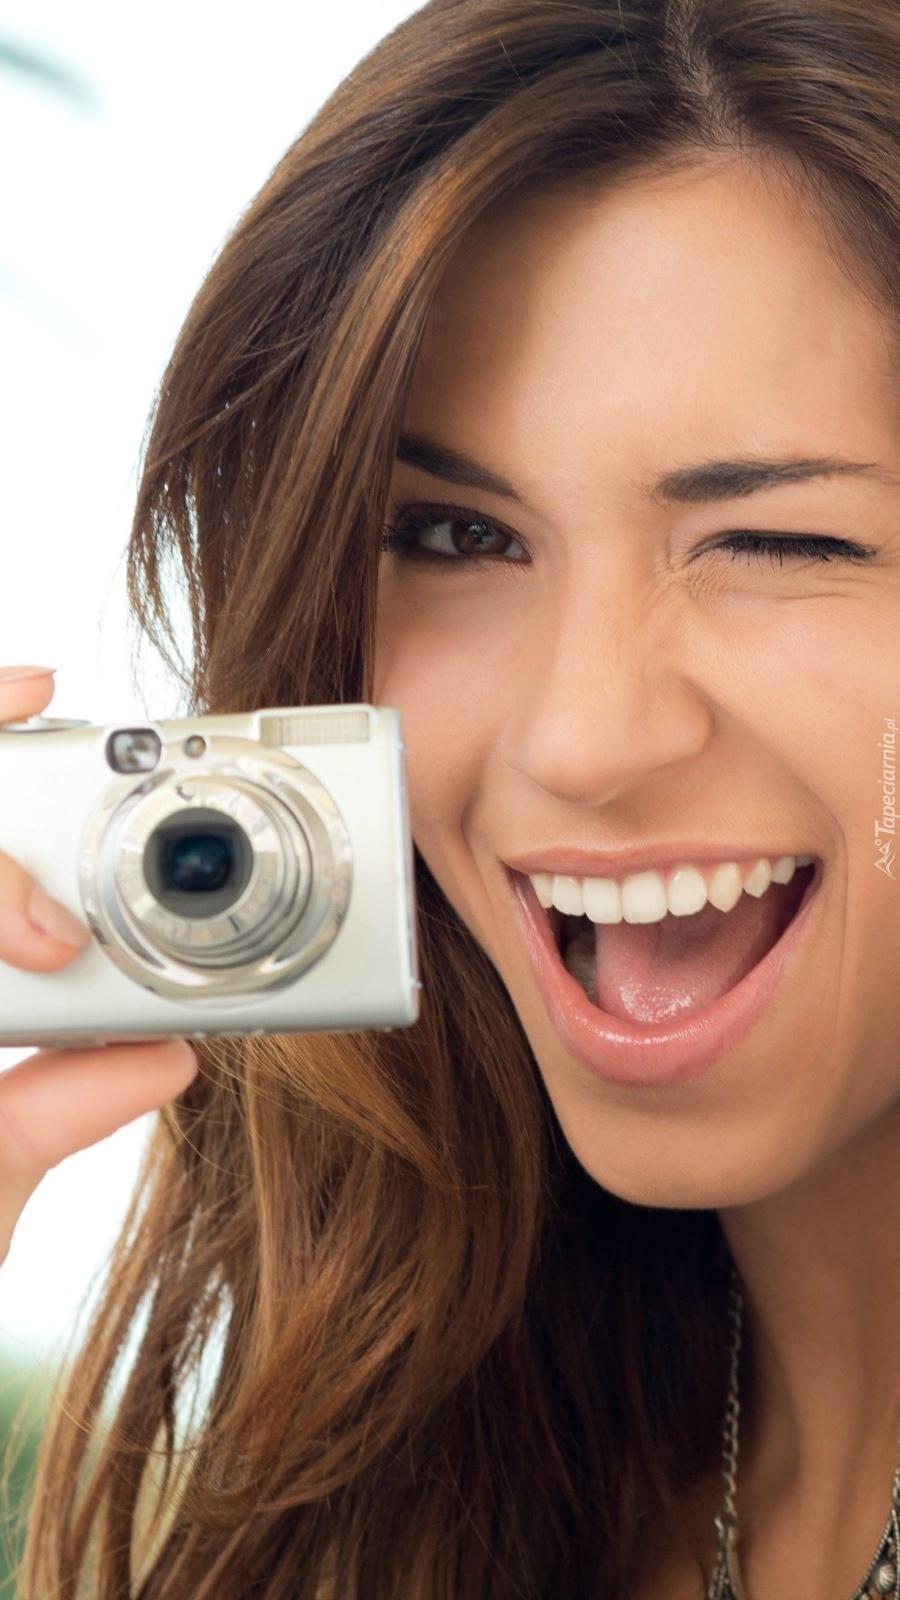 Uśmiechnięta szatynka z aparatem fotograficznym